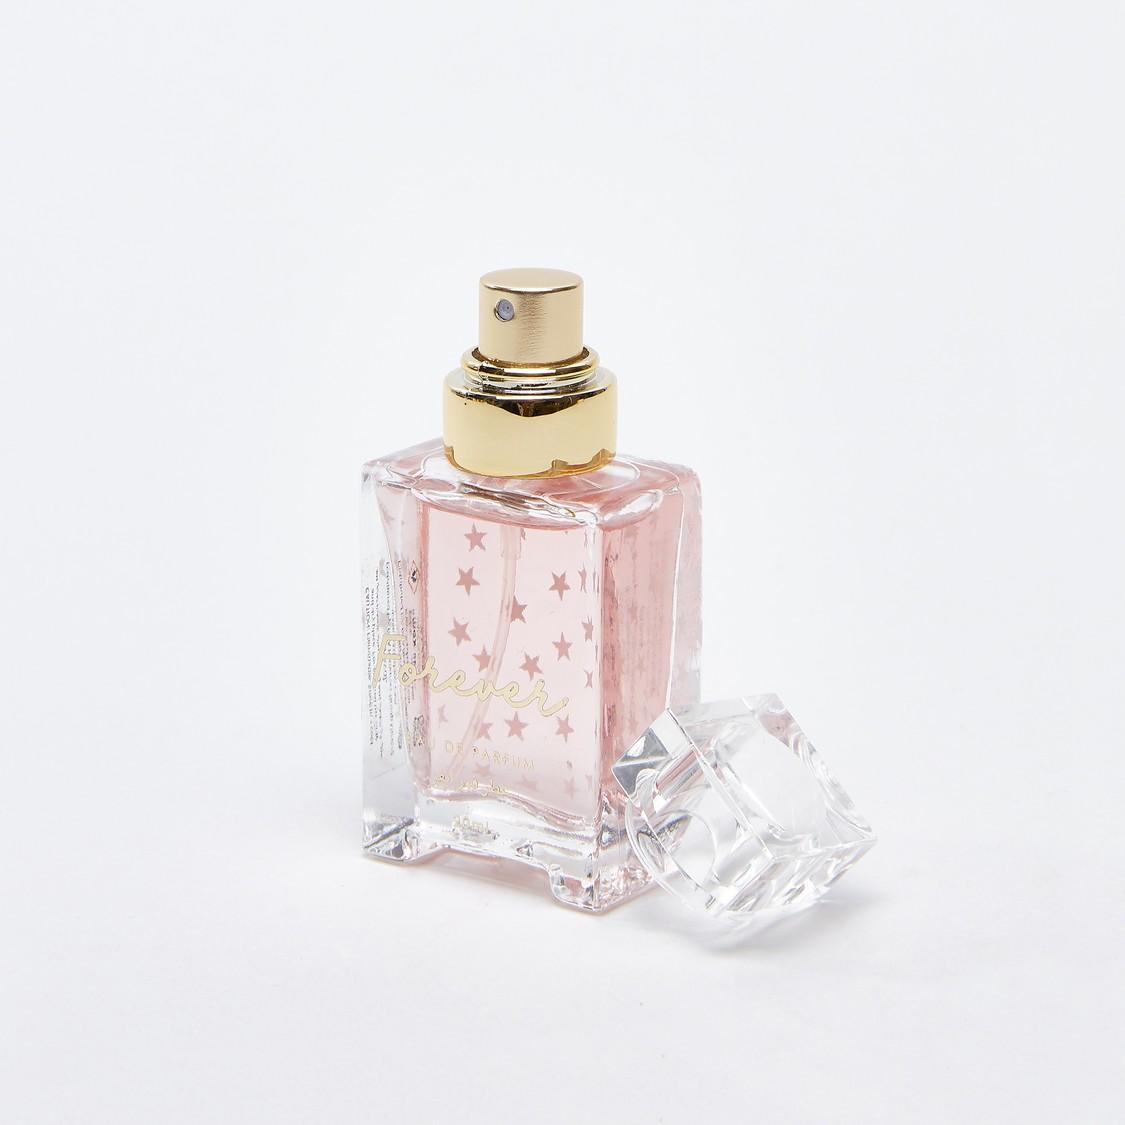 Set of 3 - Eau De Parfum Fragrance Collection